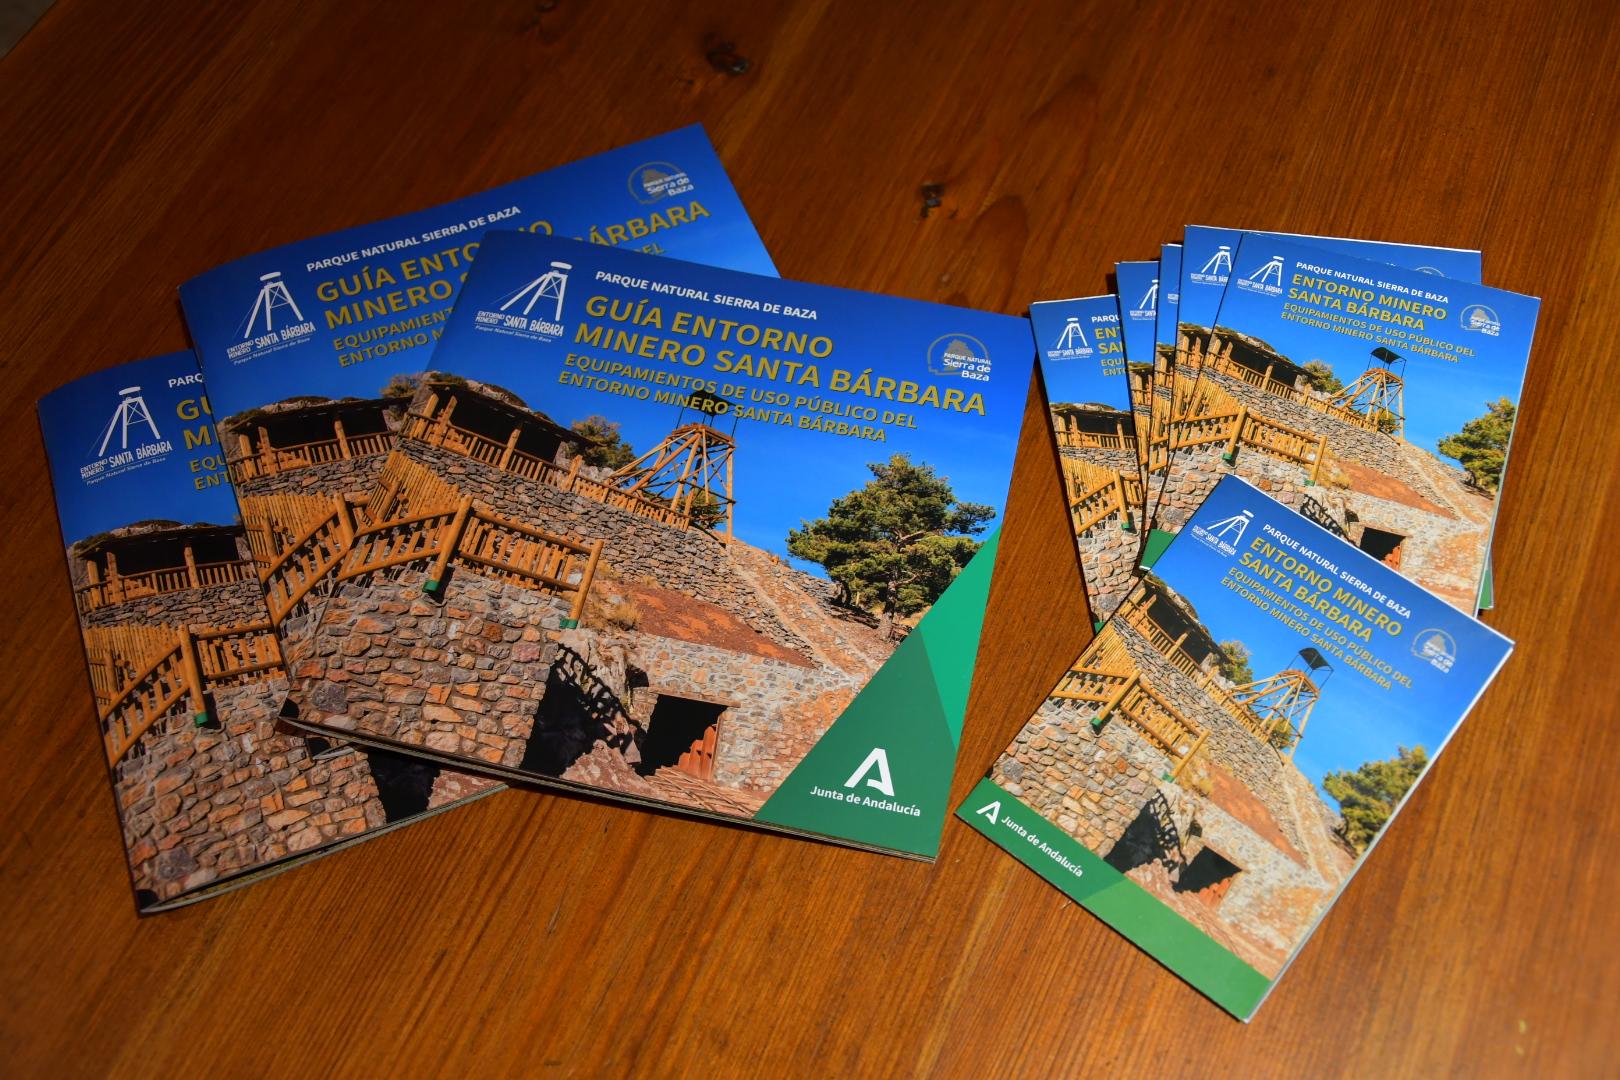 Una guía divulga las características del Entono Minero Santa Bárbara en el Parque Natural Sierra de Baza